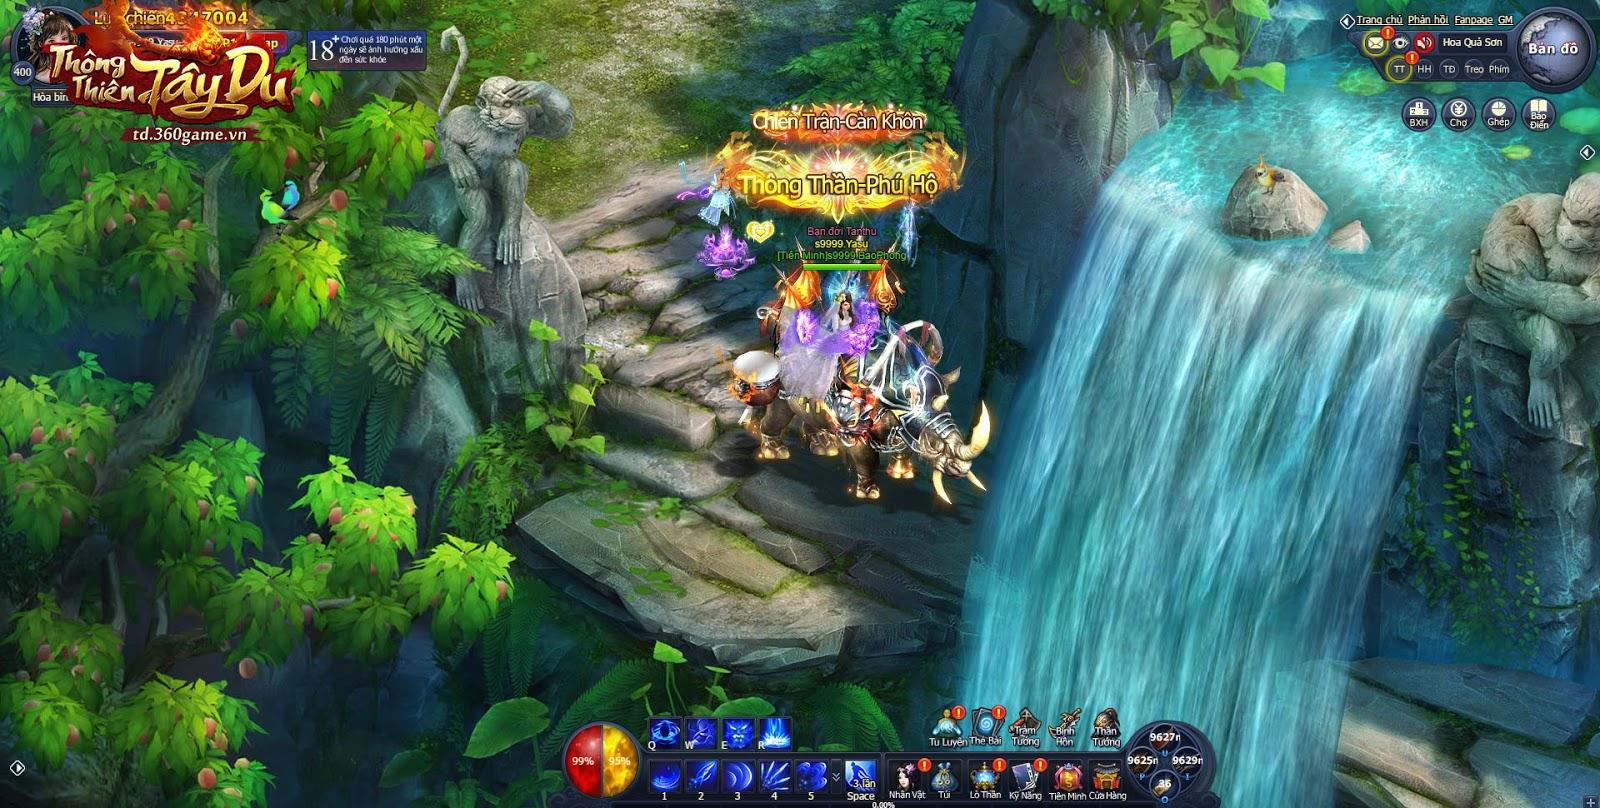 Thông Thiên Tây Du là webgame thể loại nhập vai dễ tiếp cận với đại đa số  game thủ Việt Nam, được xây dựng trên cốt truyện Tây Du Ký quen thuộc.